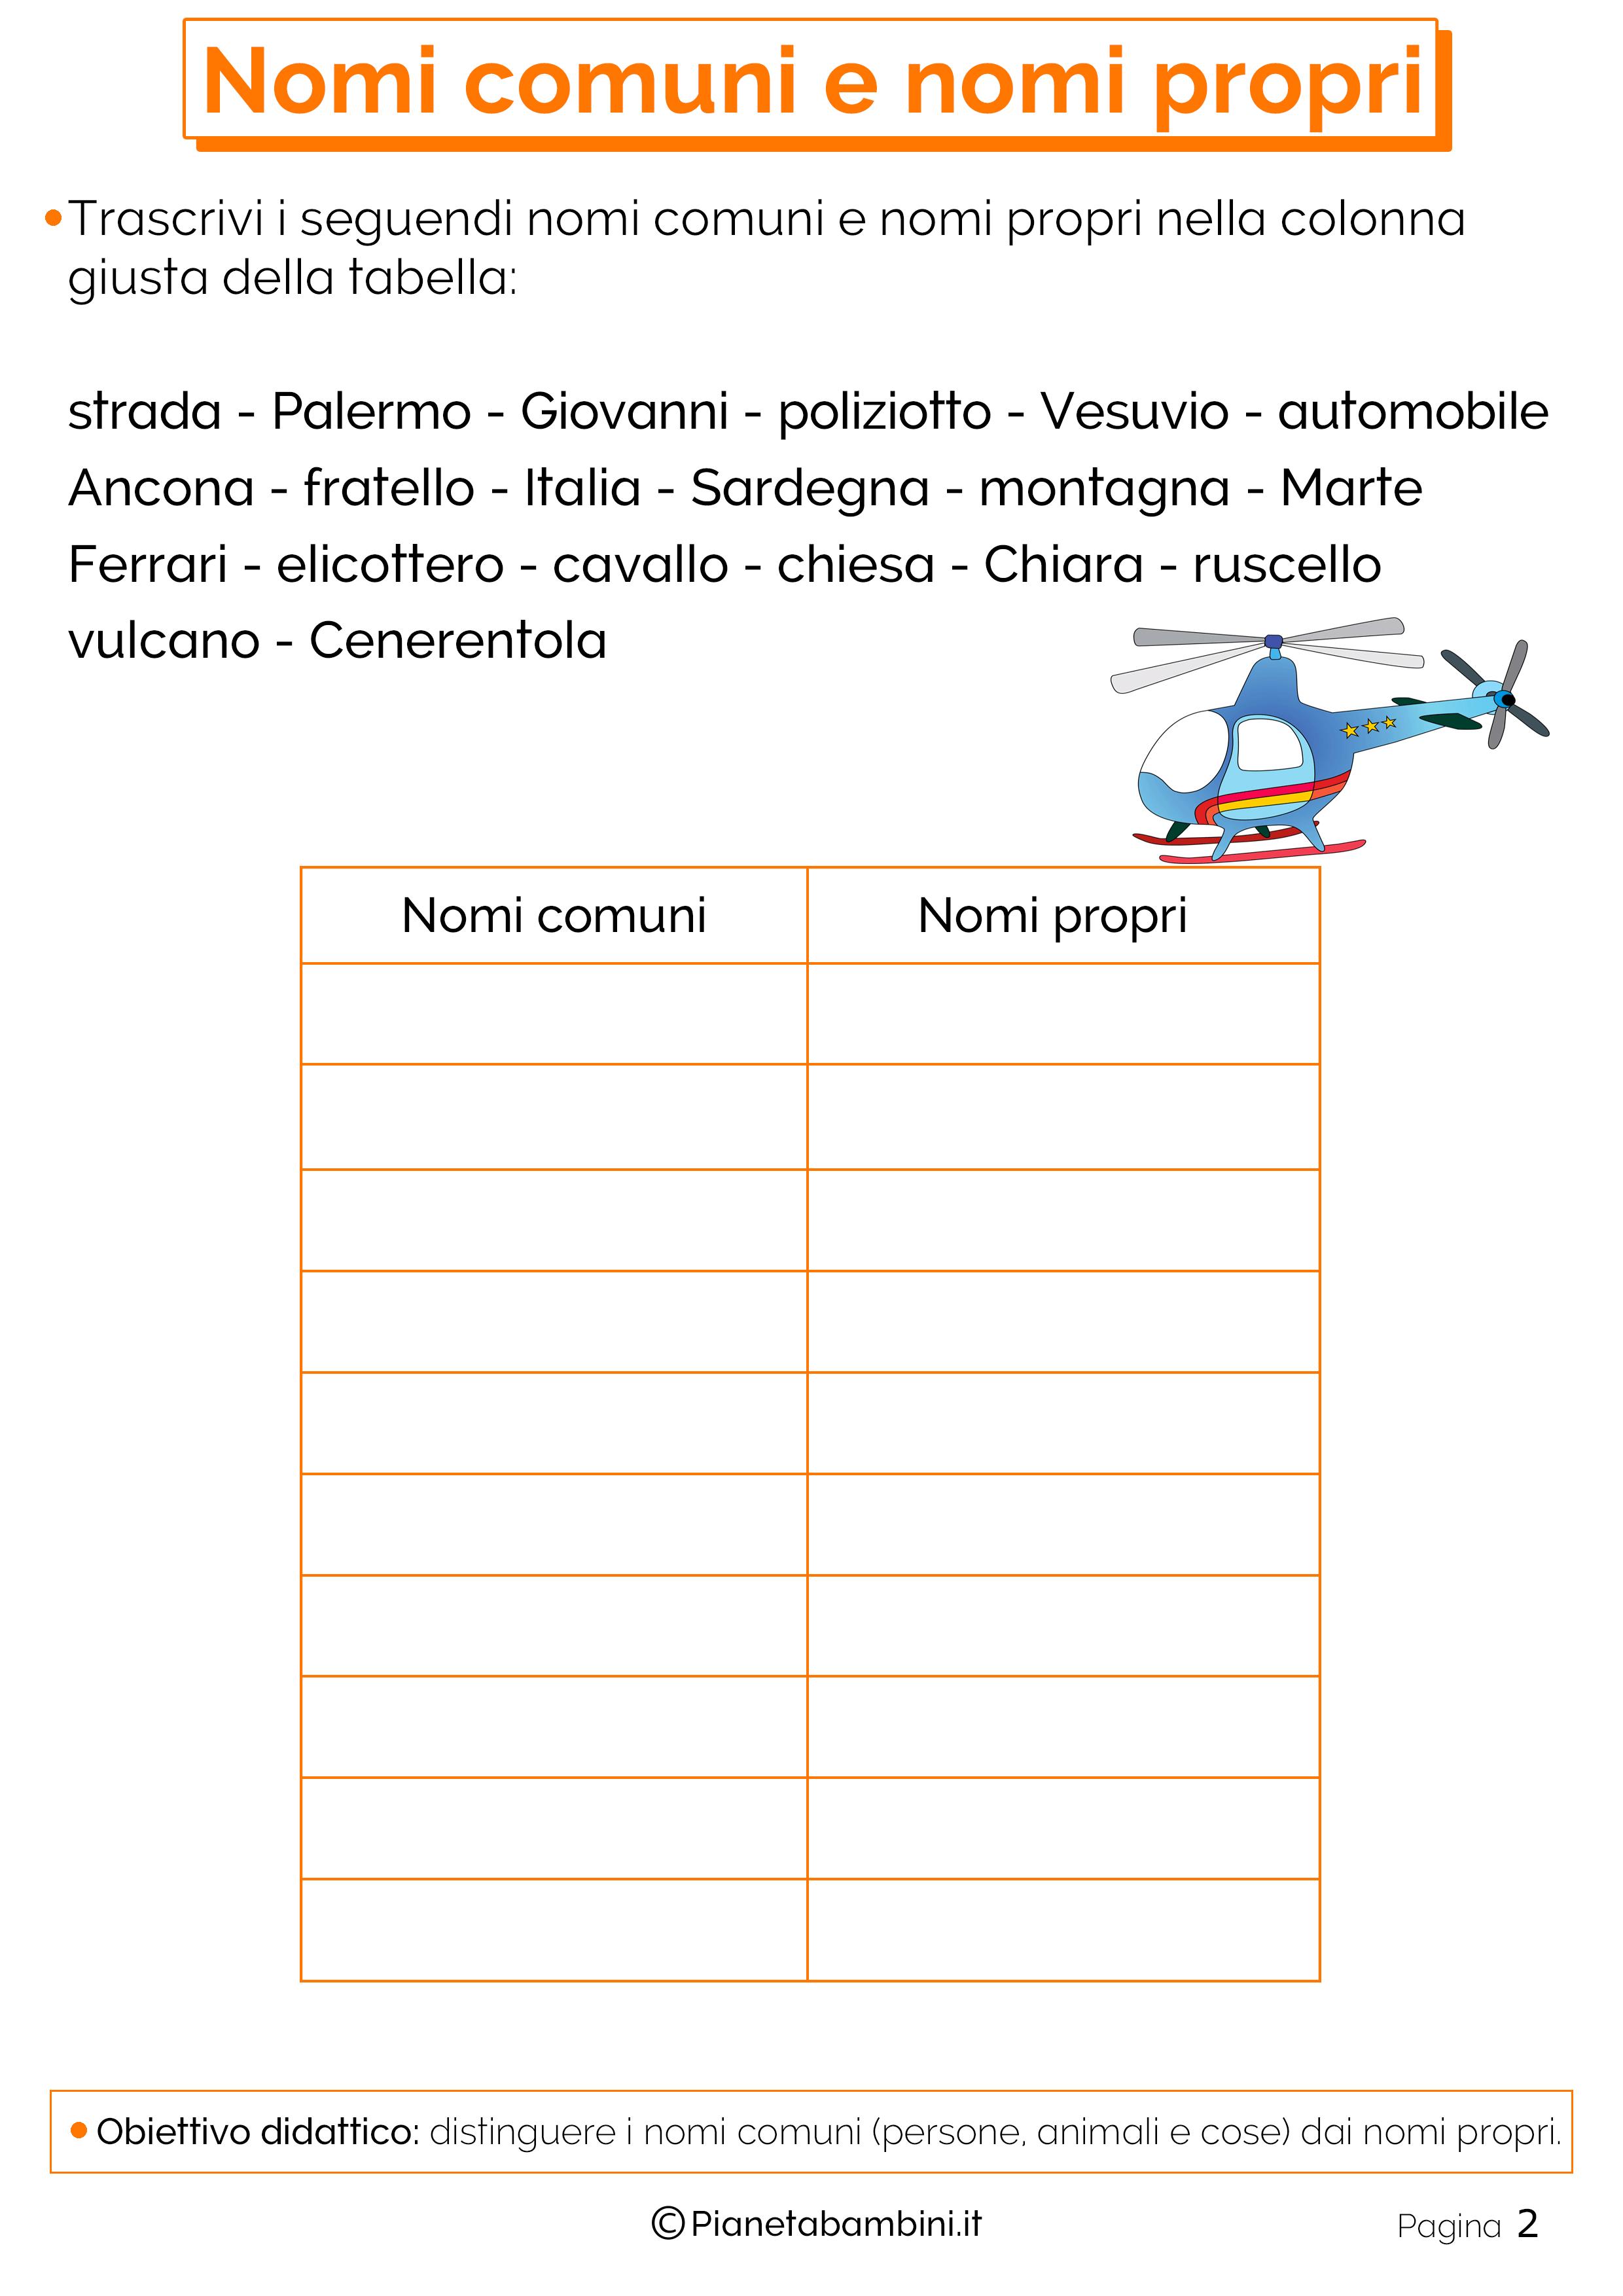 Scheda didattica sui nomi comuni e propri